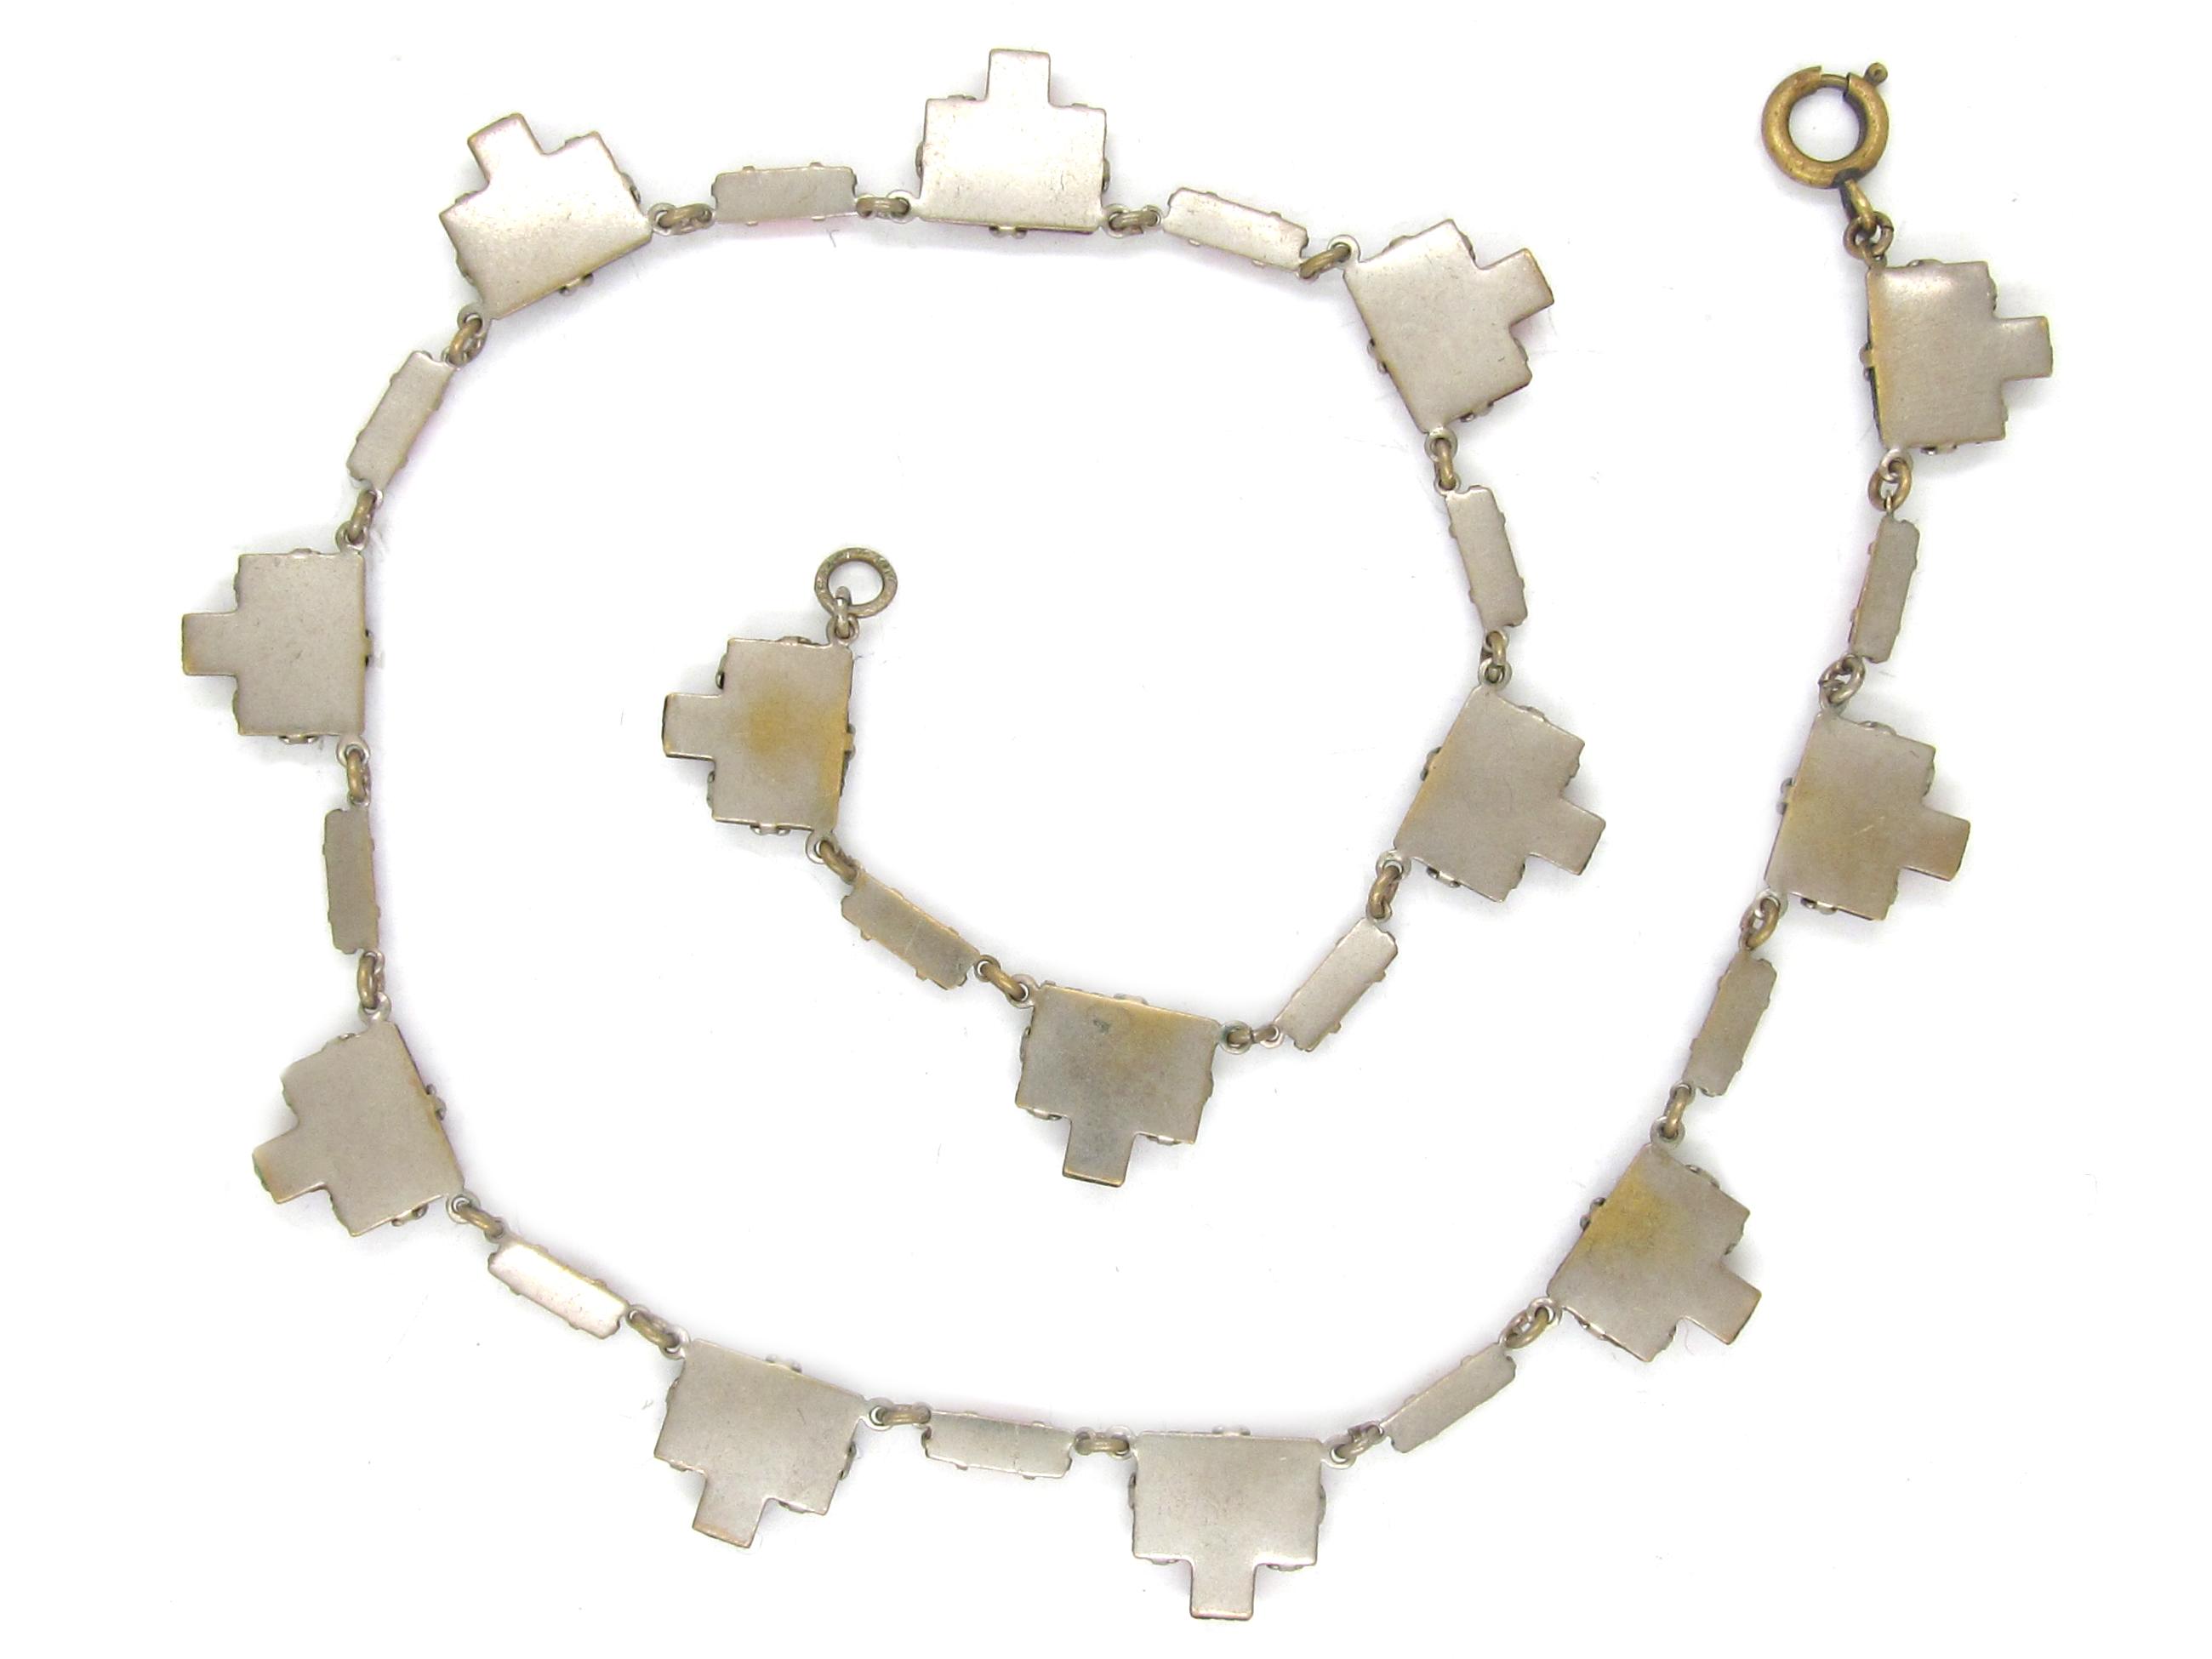 Art Deco Czeckoslovakian Red Glass Necklace